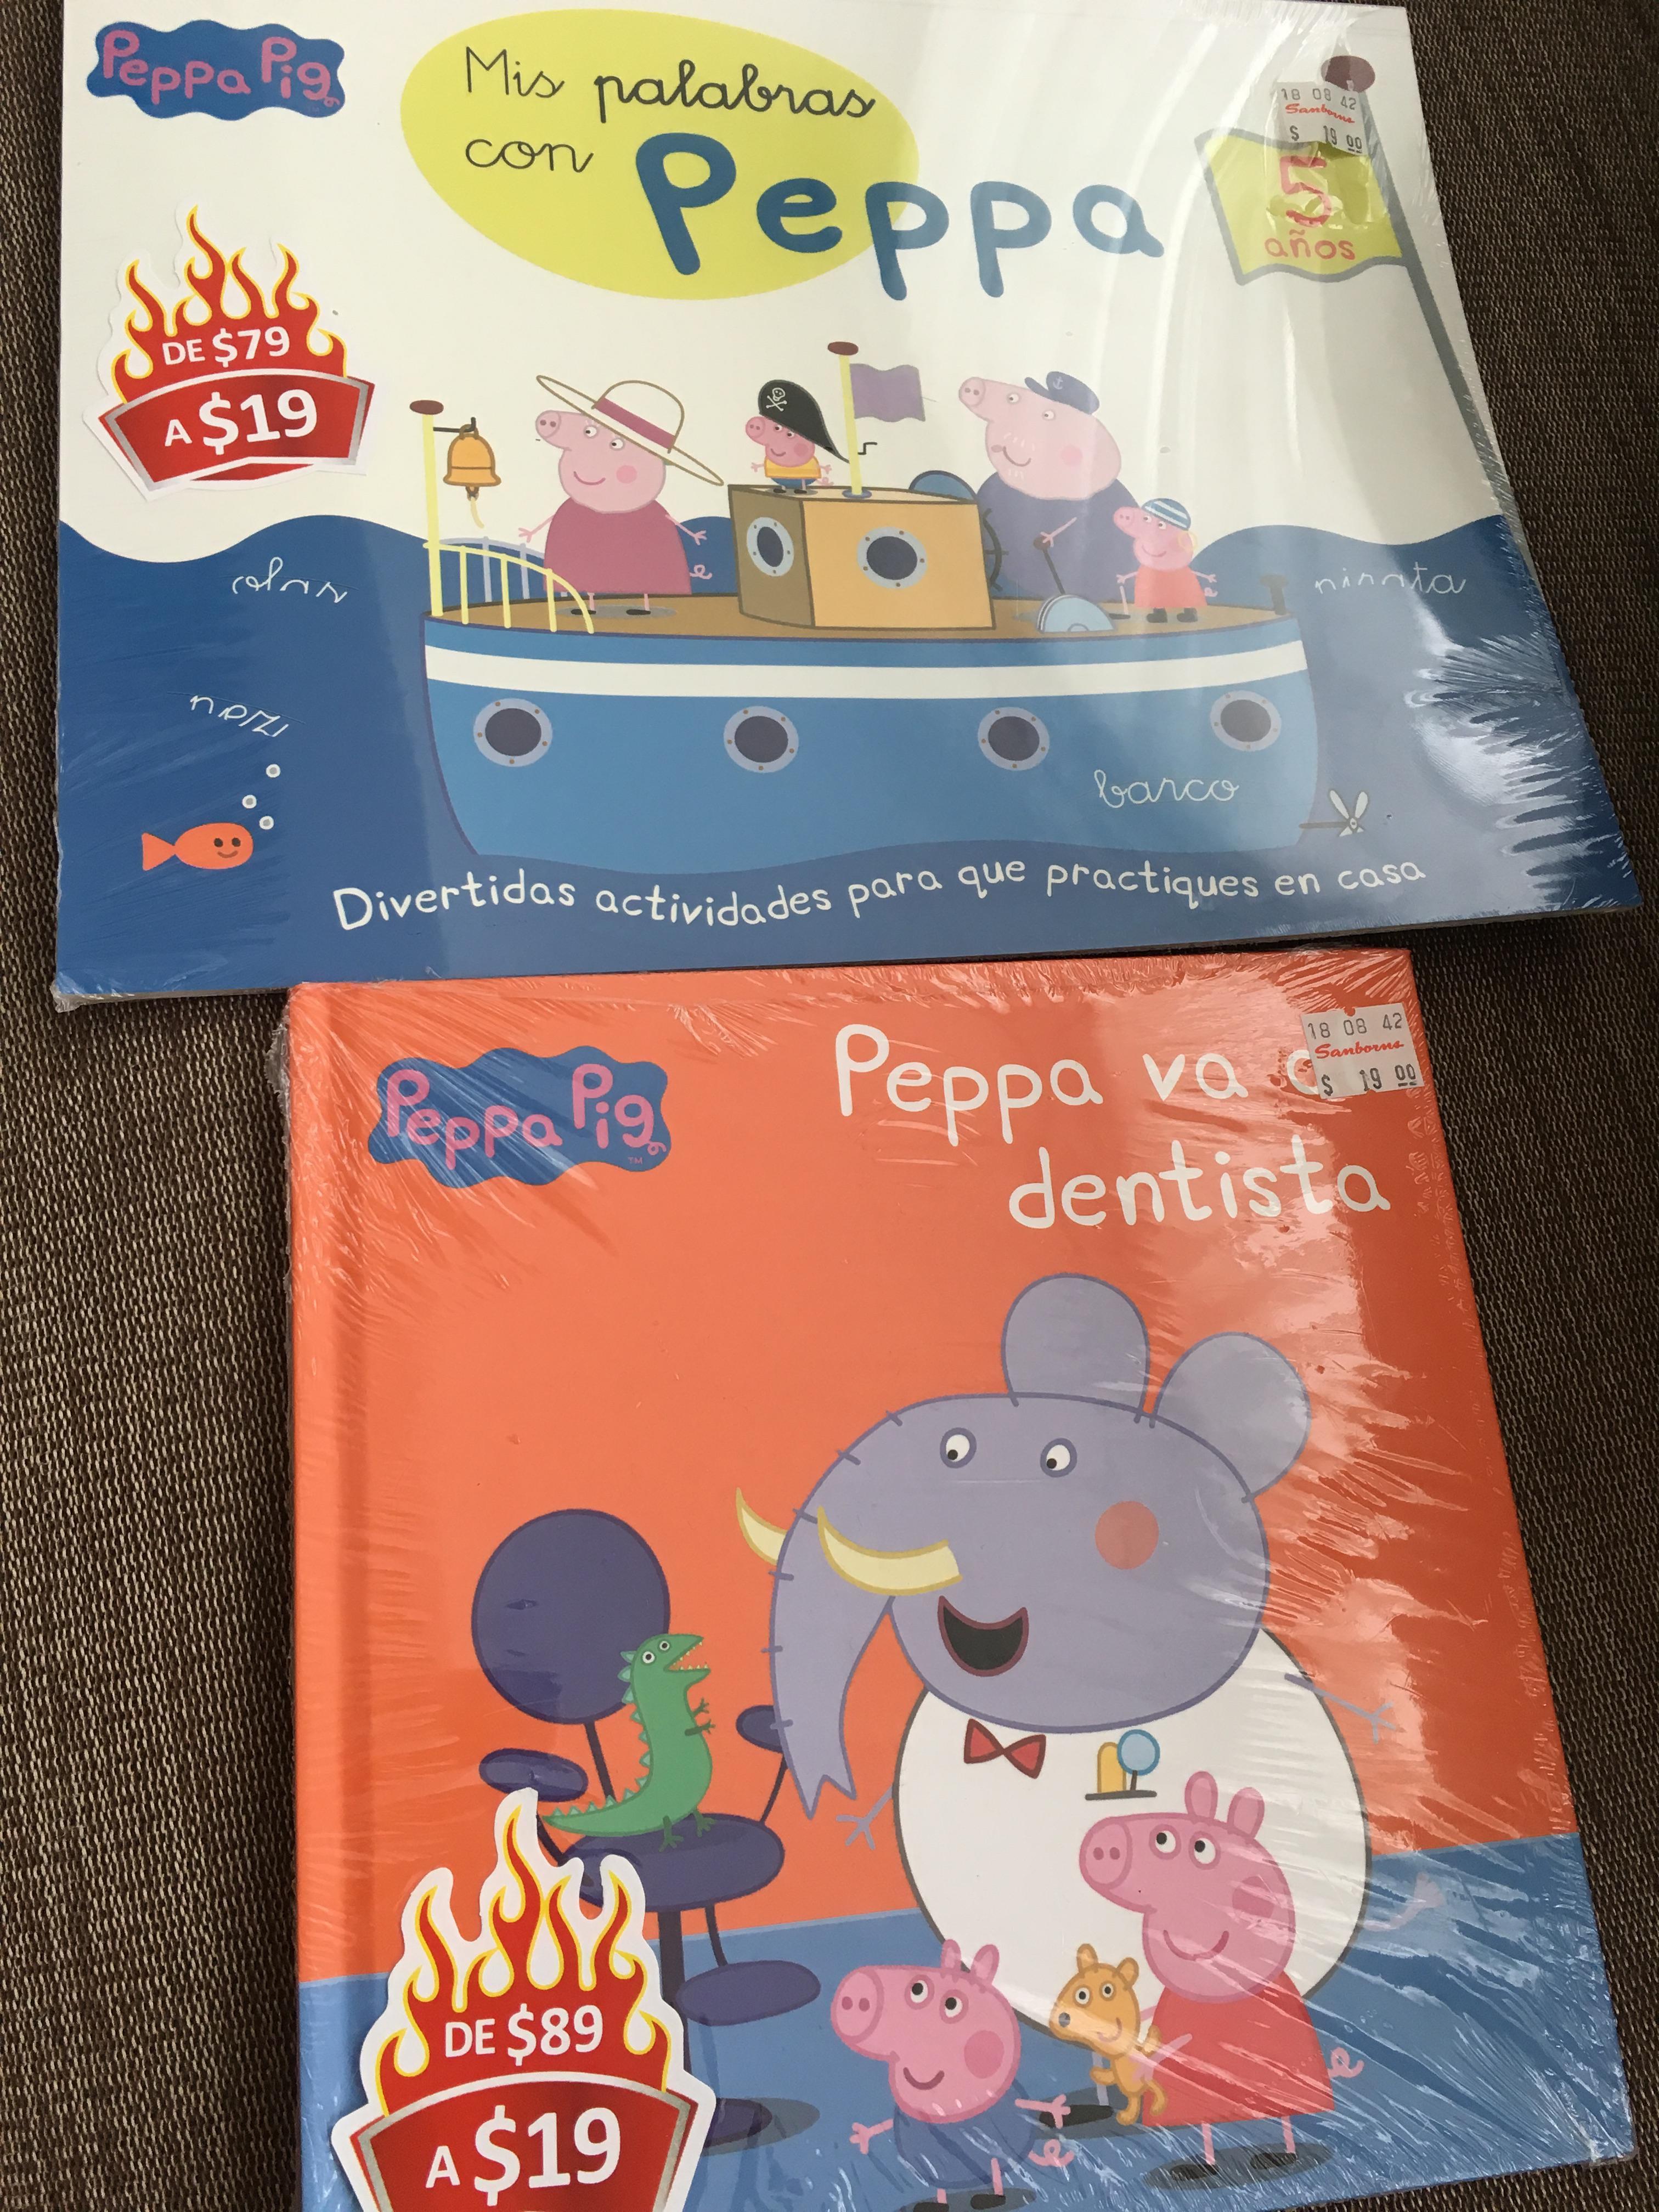 Sanborns Patriotismo: Libro de Actividades y Cuentos de Peppa Pig $19